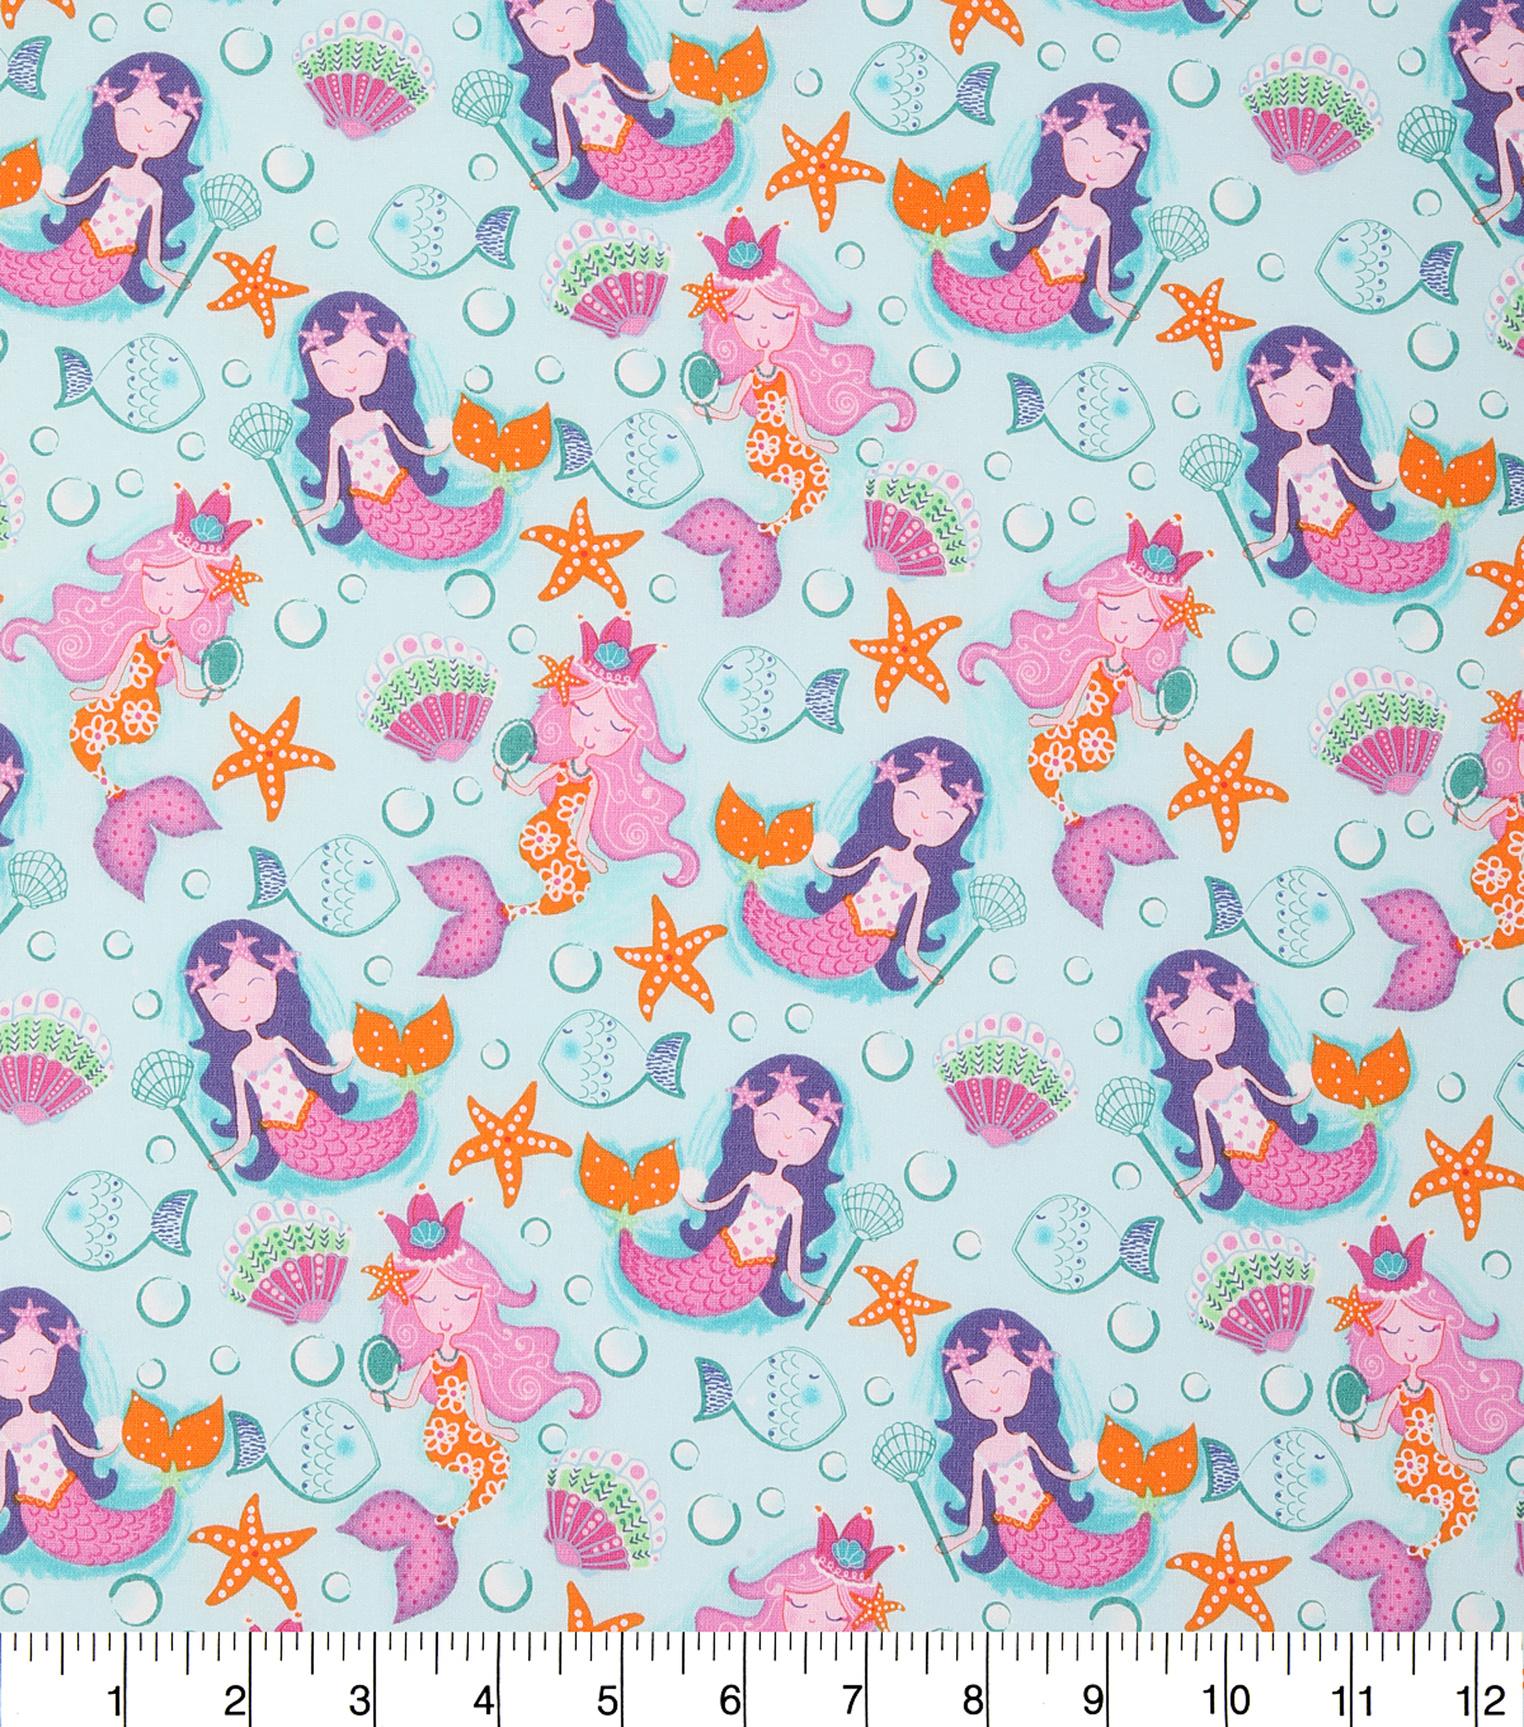 Novelty Cotton Fabric 44 Seashell Mermaids Joann